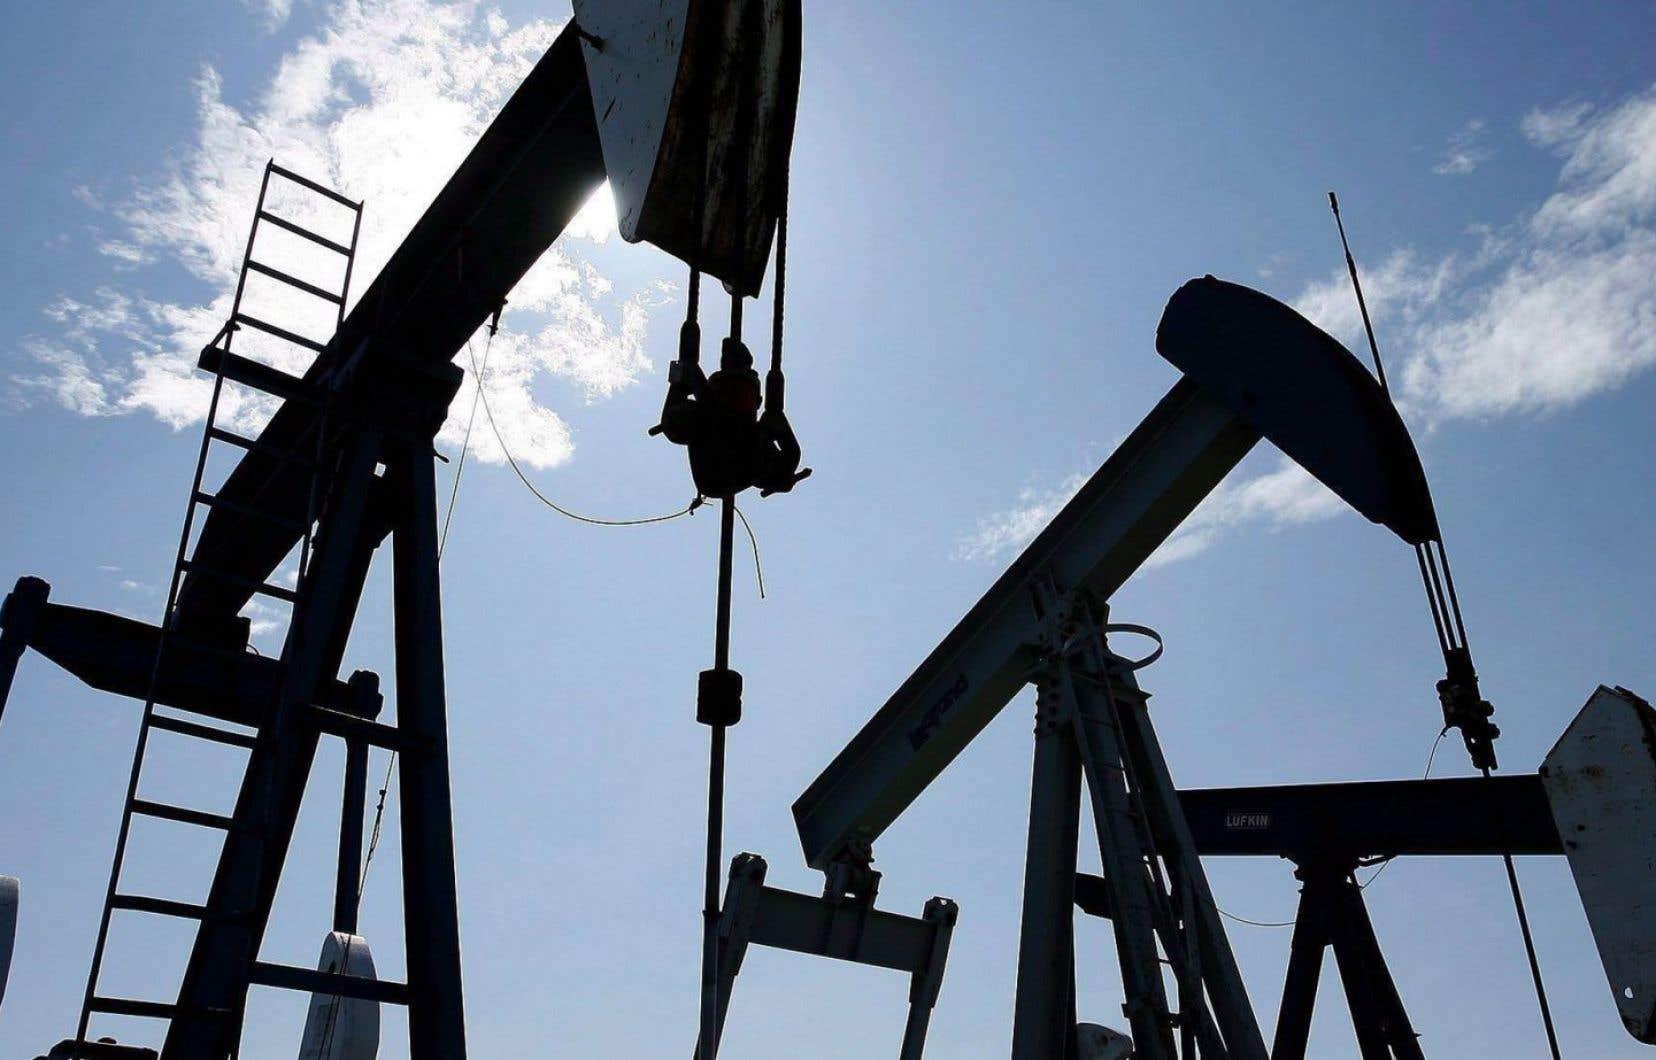 La baisse de production de pétrole permettrait d'augmenter le prix du brut.